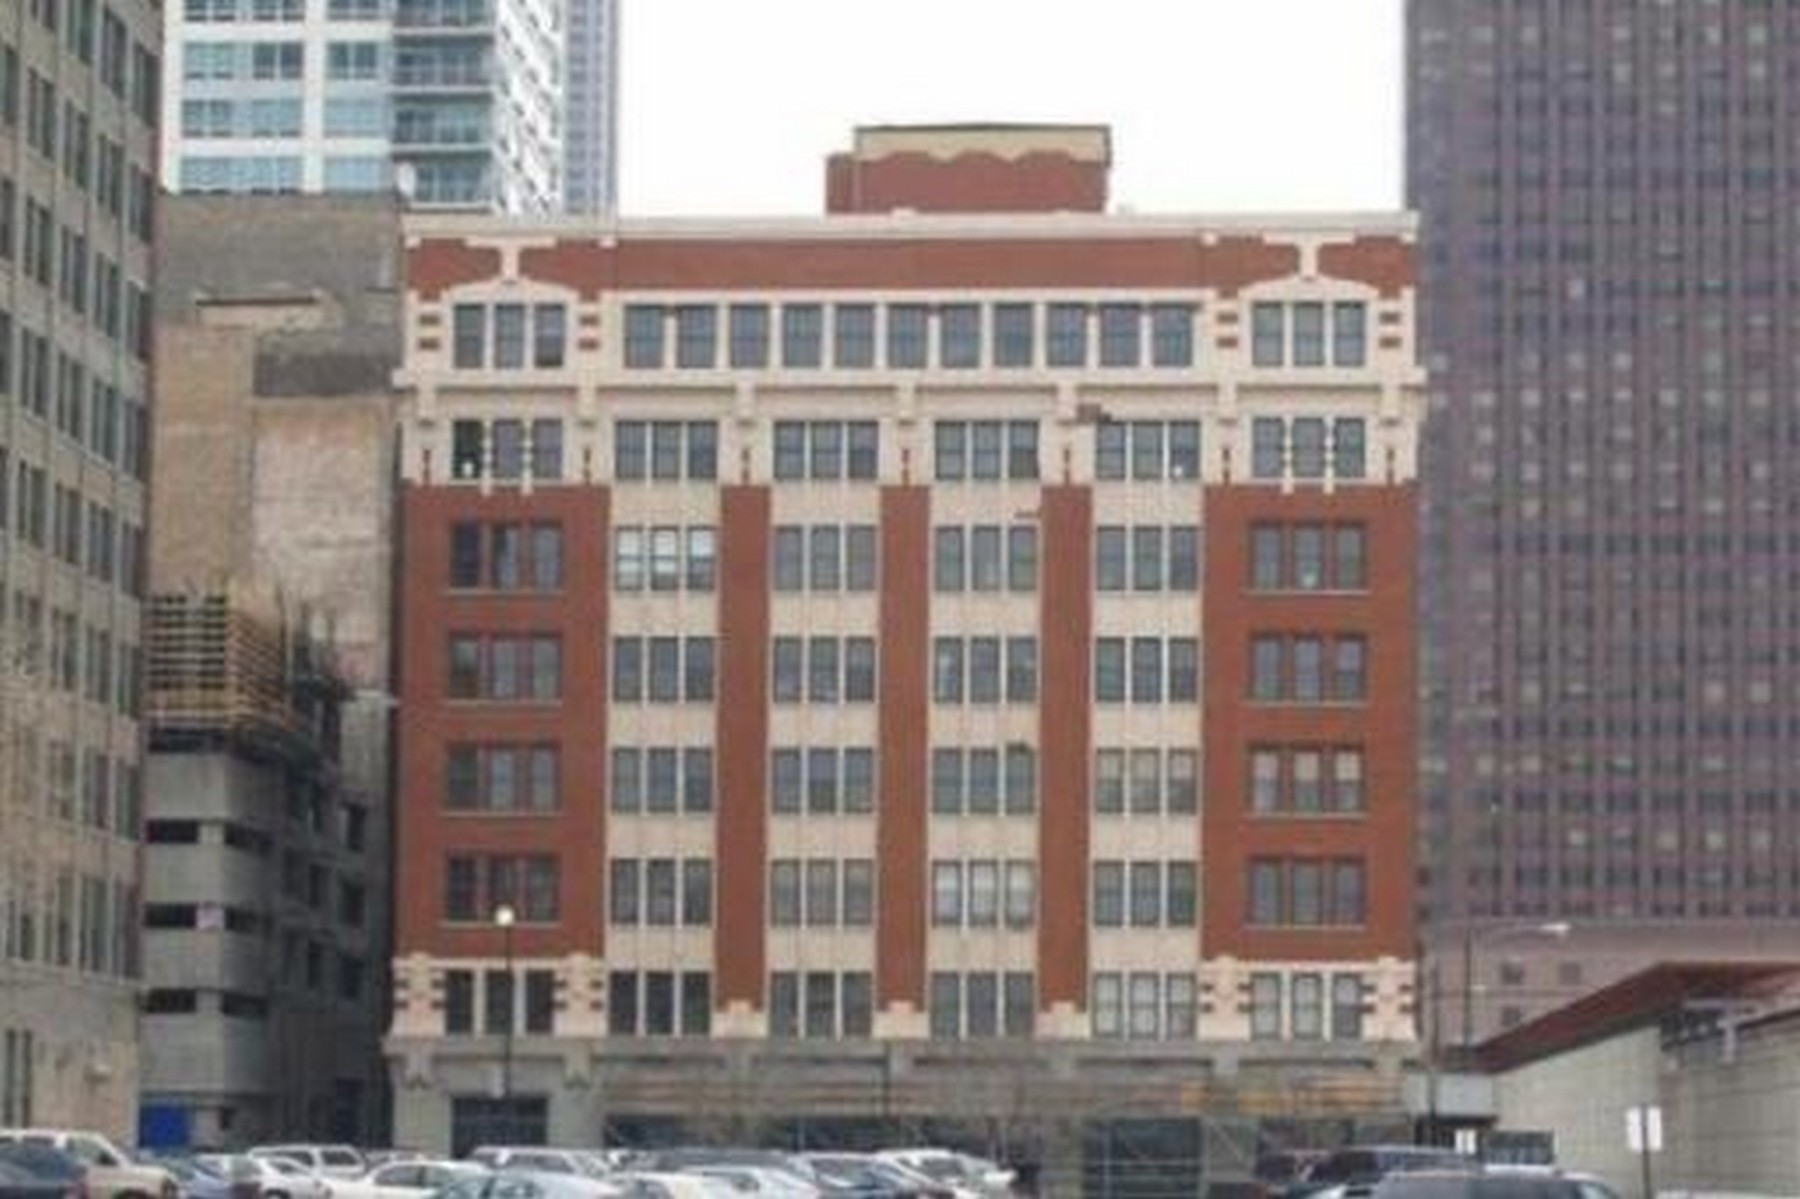 Kat Mülkiyeti için Satış at One Of A Kind Loft In Printers Row 732 S Financial Pl Unit 102 Chicago, Illinois 60605 Amerika Birleşik Devletleri